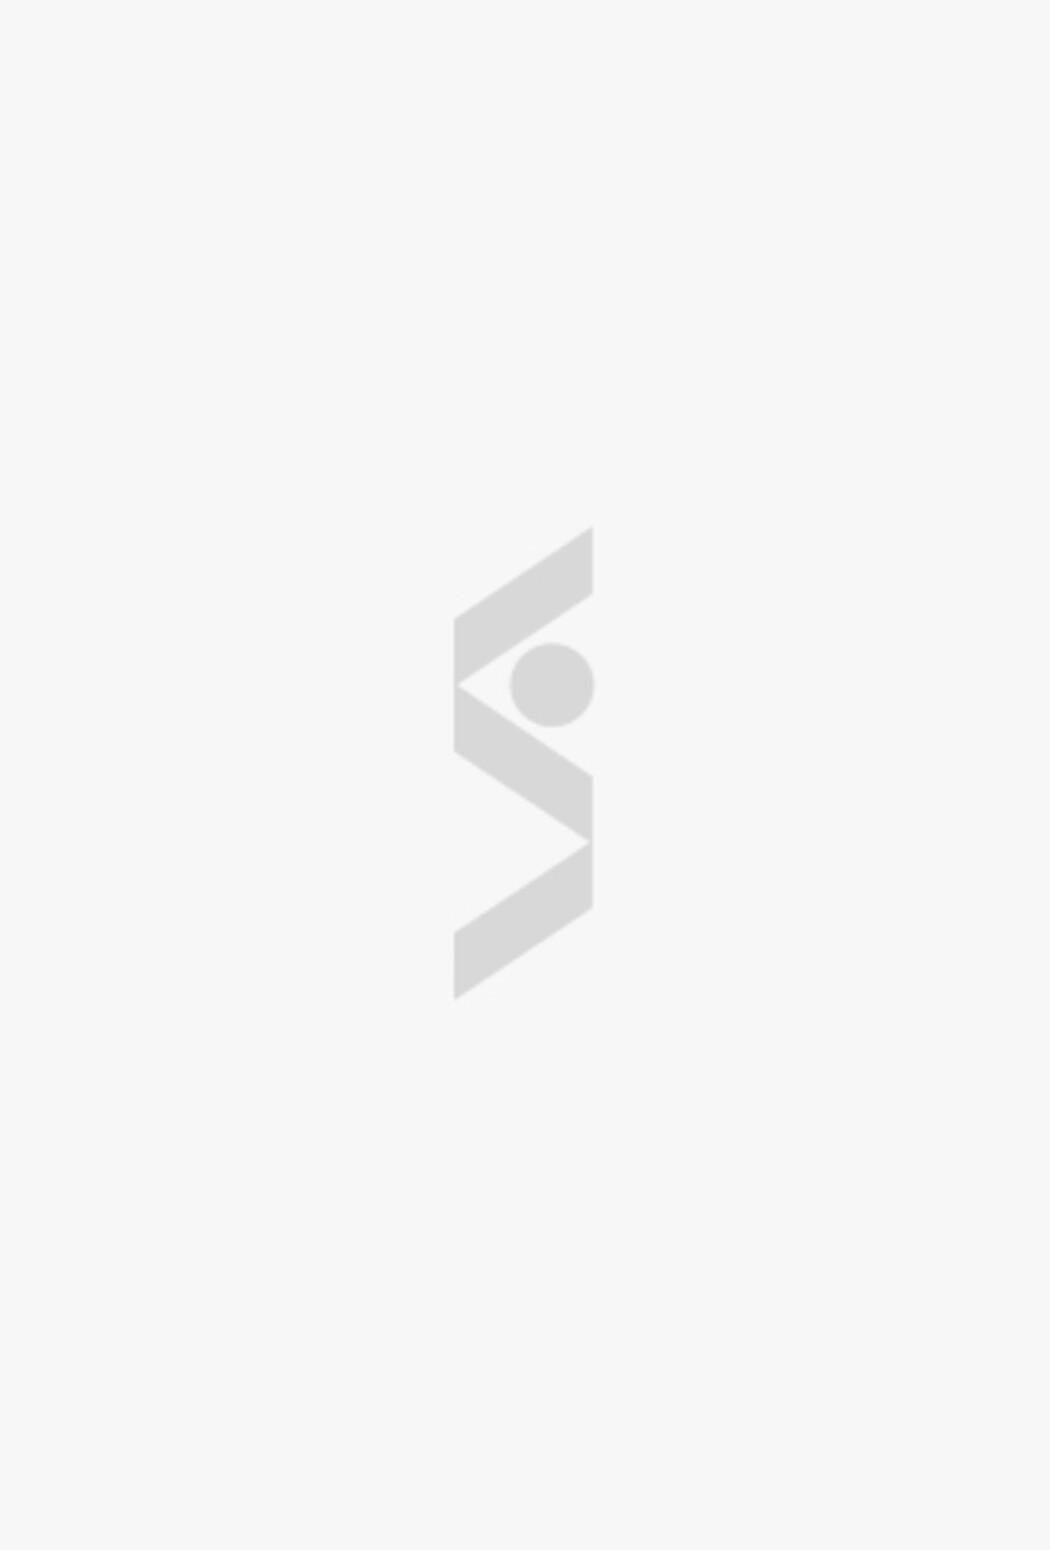 Брюки из смесовой шерсти с кашемиром SABRINA SCALA - цена 2490 ₽ купить в интернет-магазине СТОКМАНН в Санкт-Петербурге